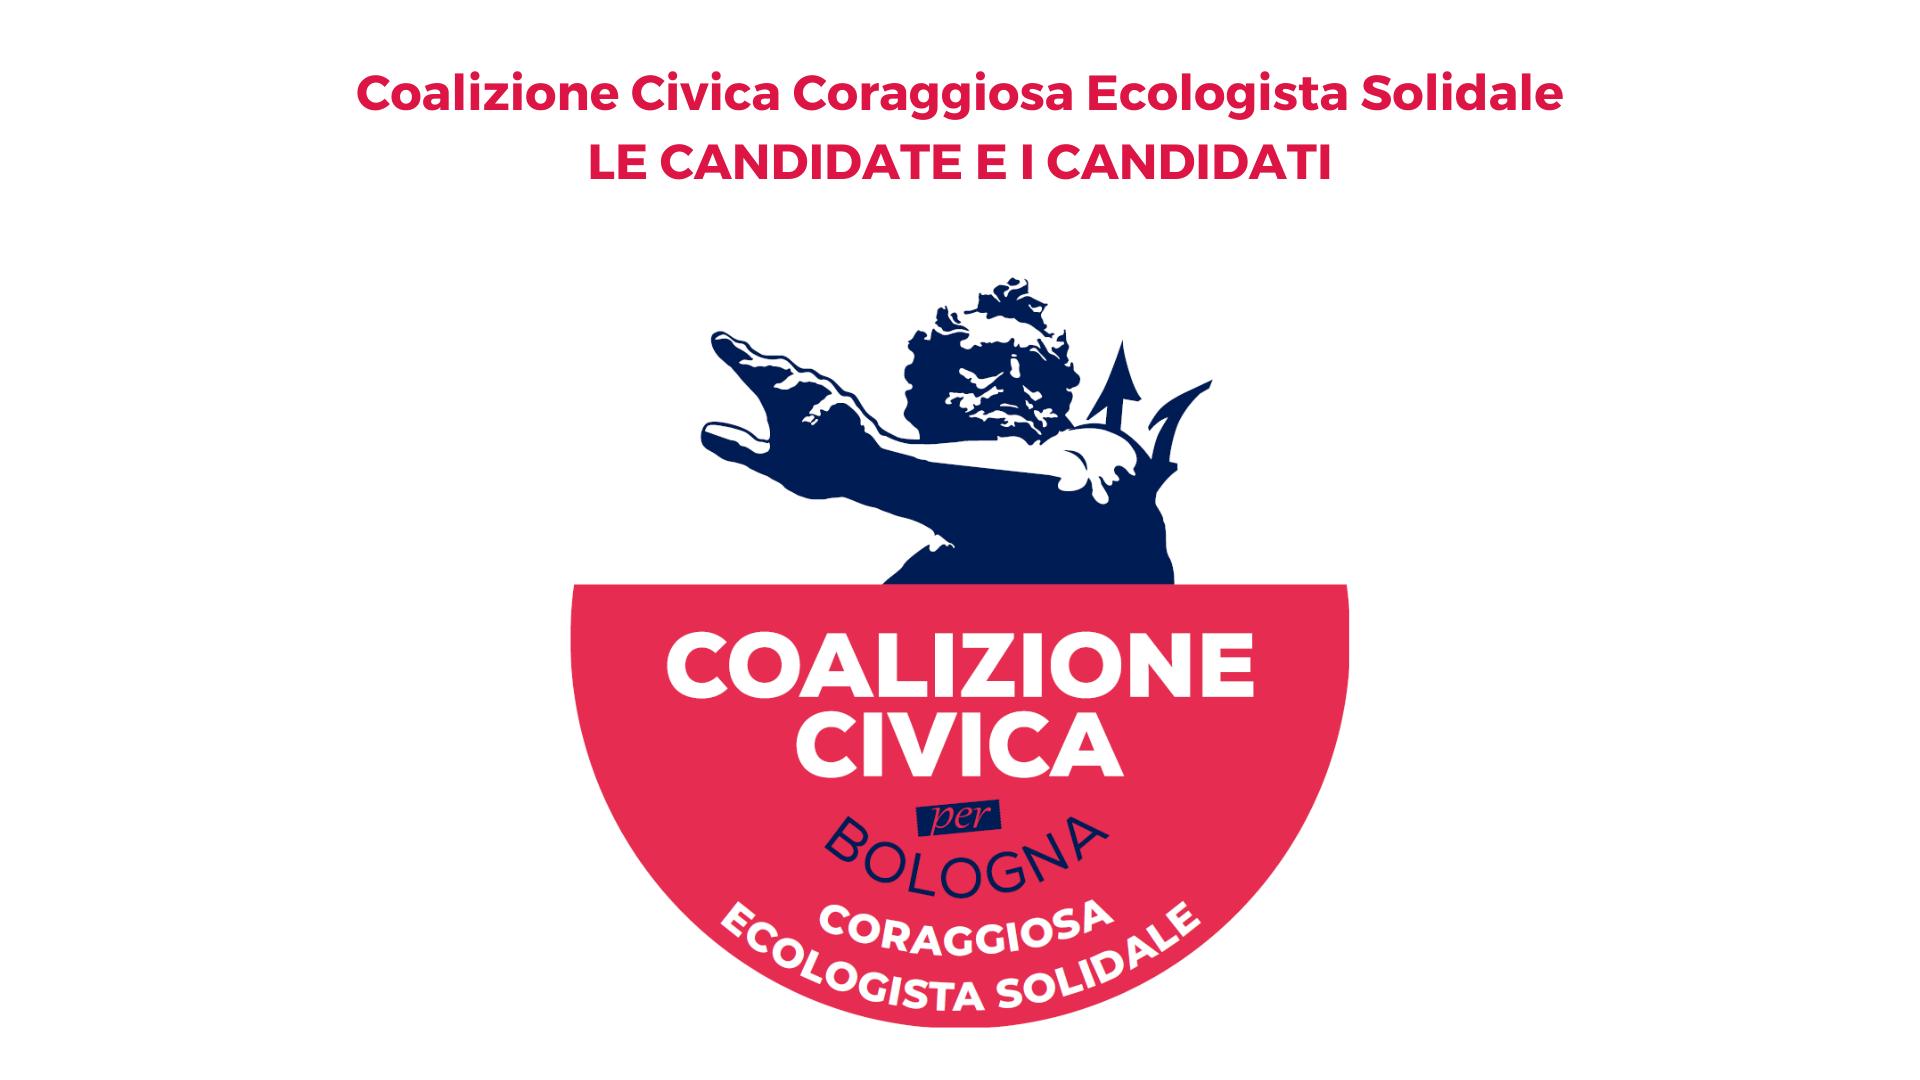 Coalizione Civica Coraggiosa Ecologista Solidale: le candidate e i candidati per il Consiglio Comunale e i Consigli di Quartiere